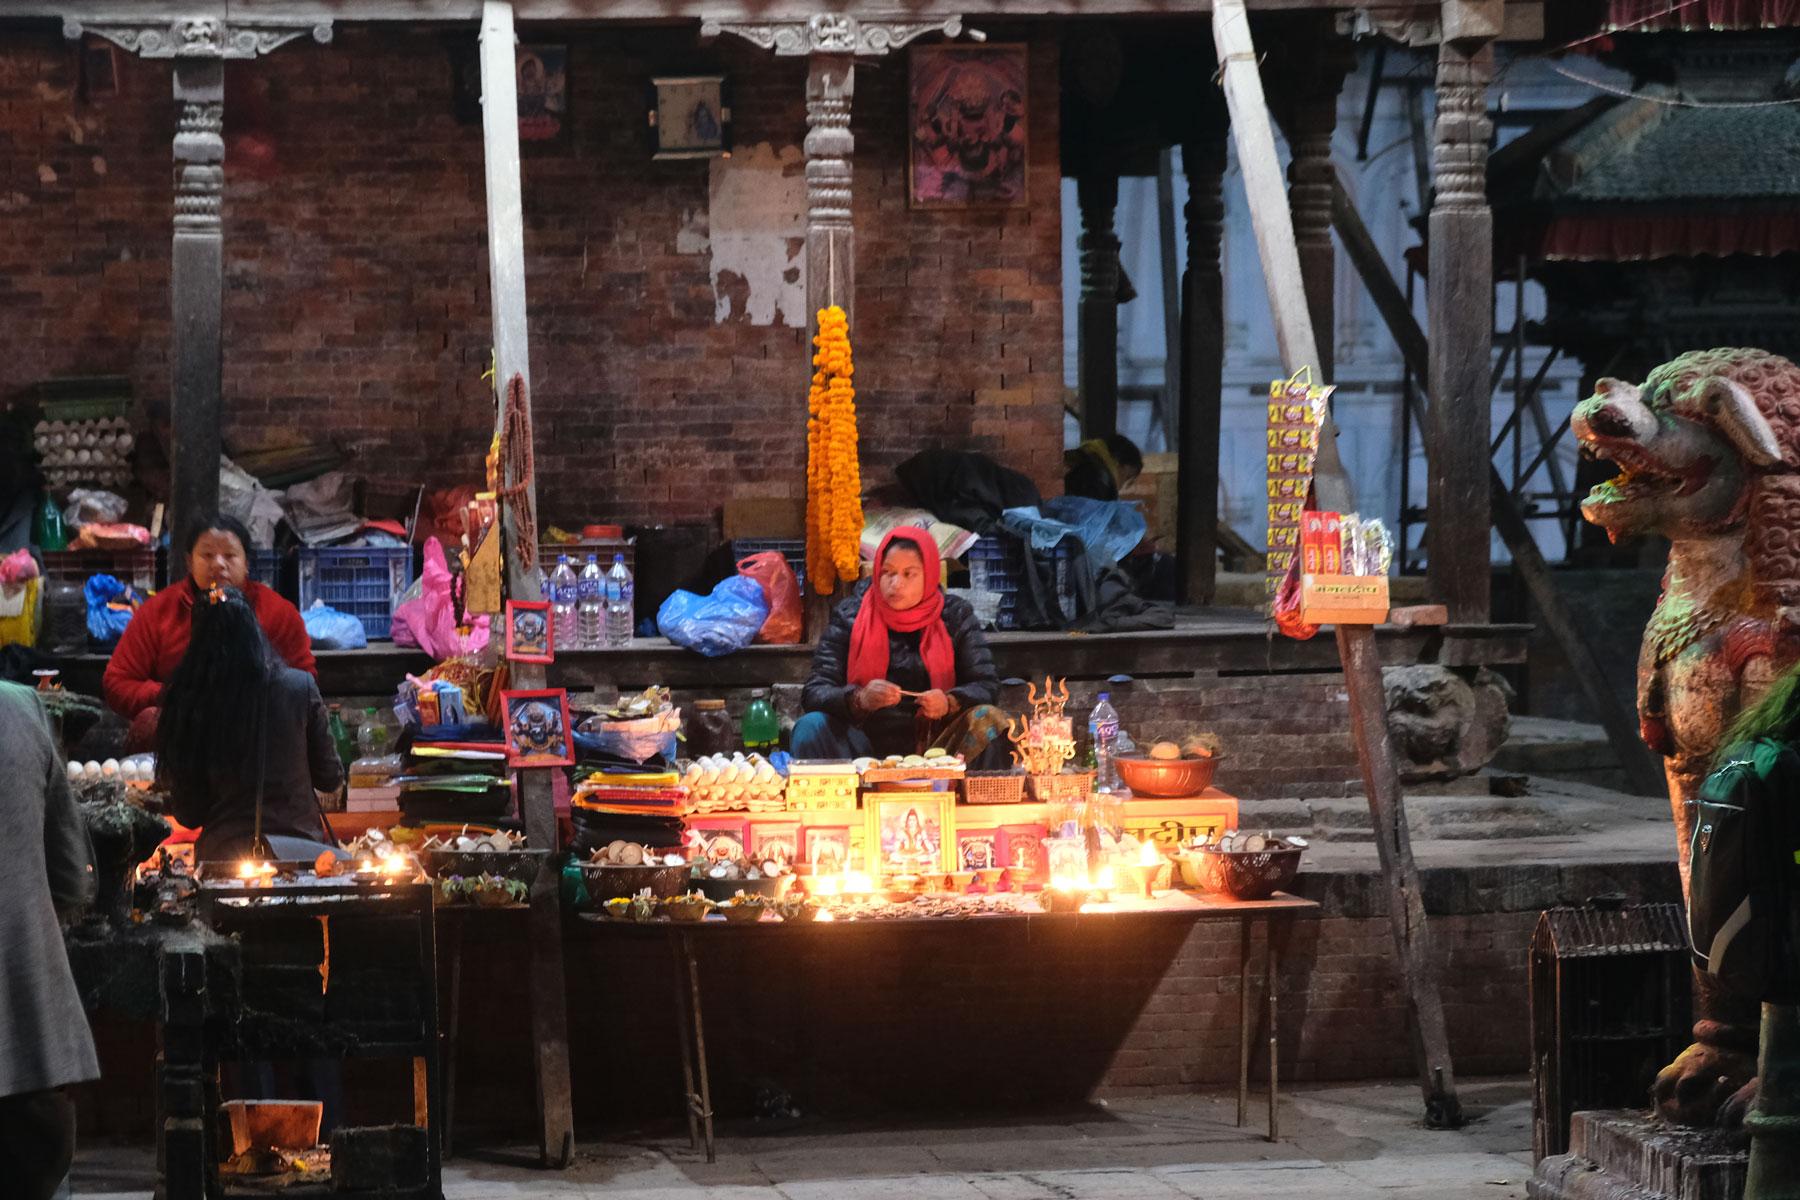 Ein Straßenstand für religiöse Gegenstände und Kerzen auf dem Durbar Square in Kathmandu.